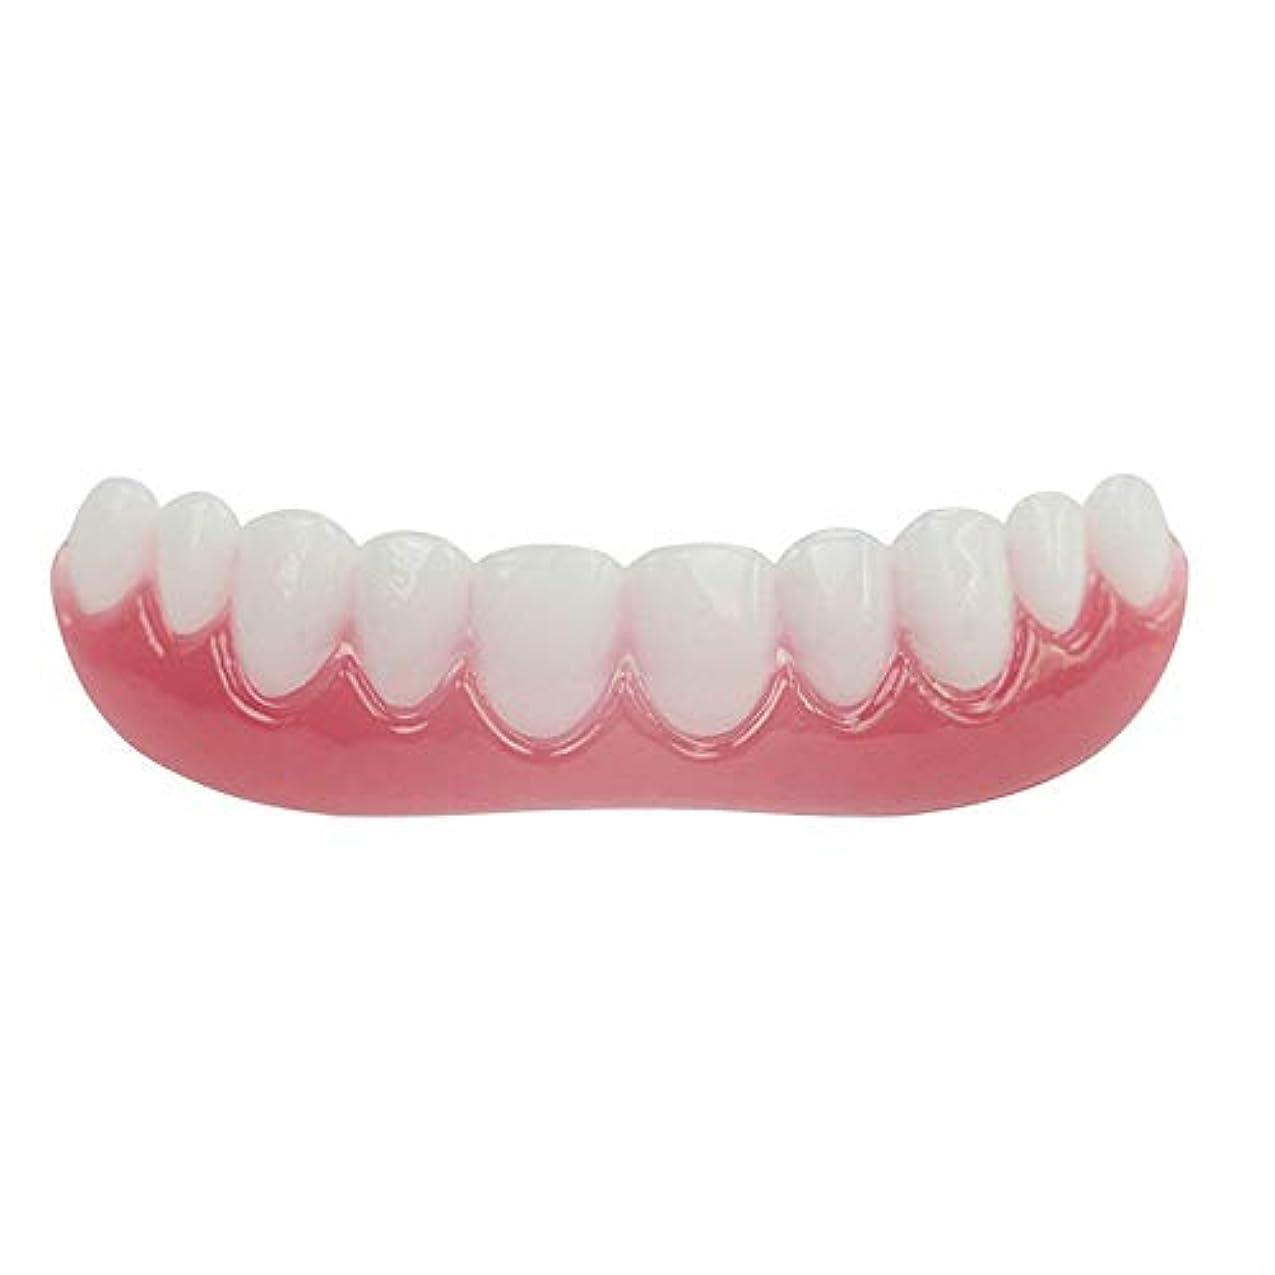 によってレポートを書く役立つシリコンシミュレーション義歯、歯科用ベニヤホワイトトゥースセット(1個),Boxed,Lower